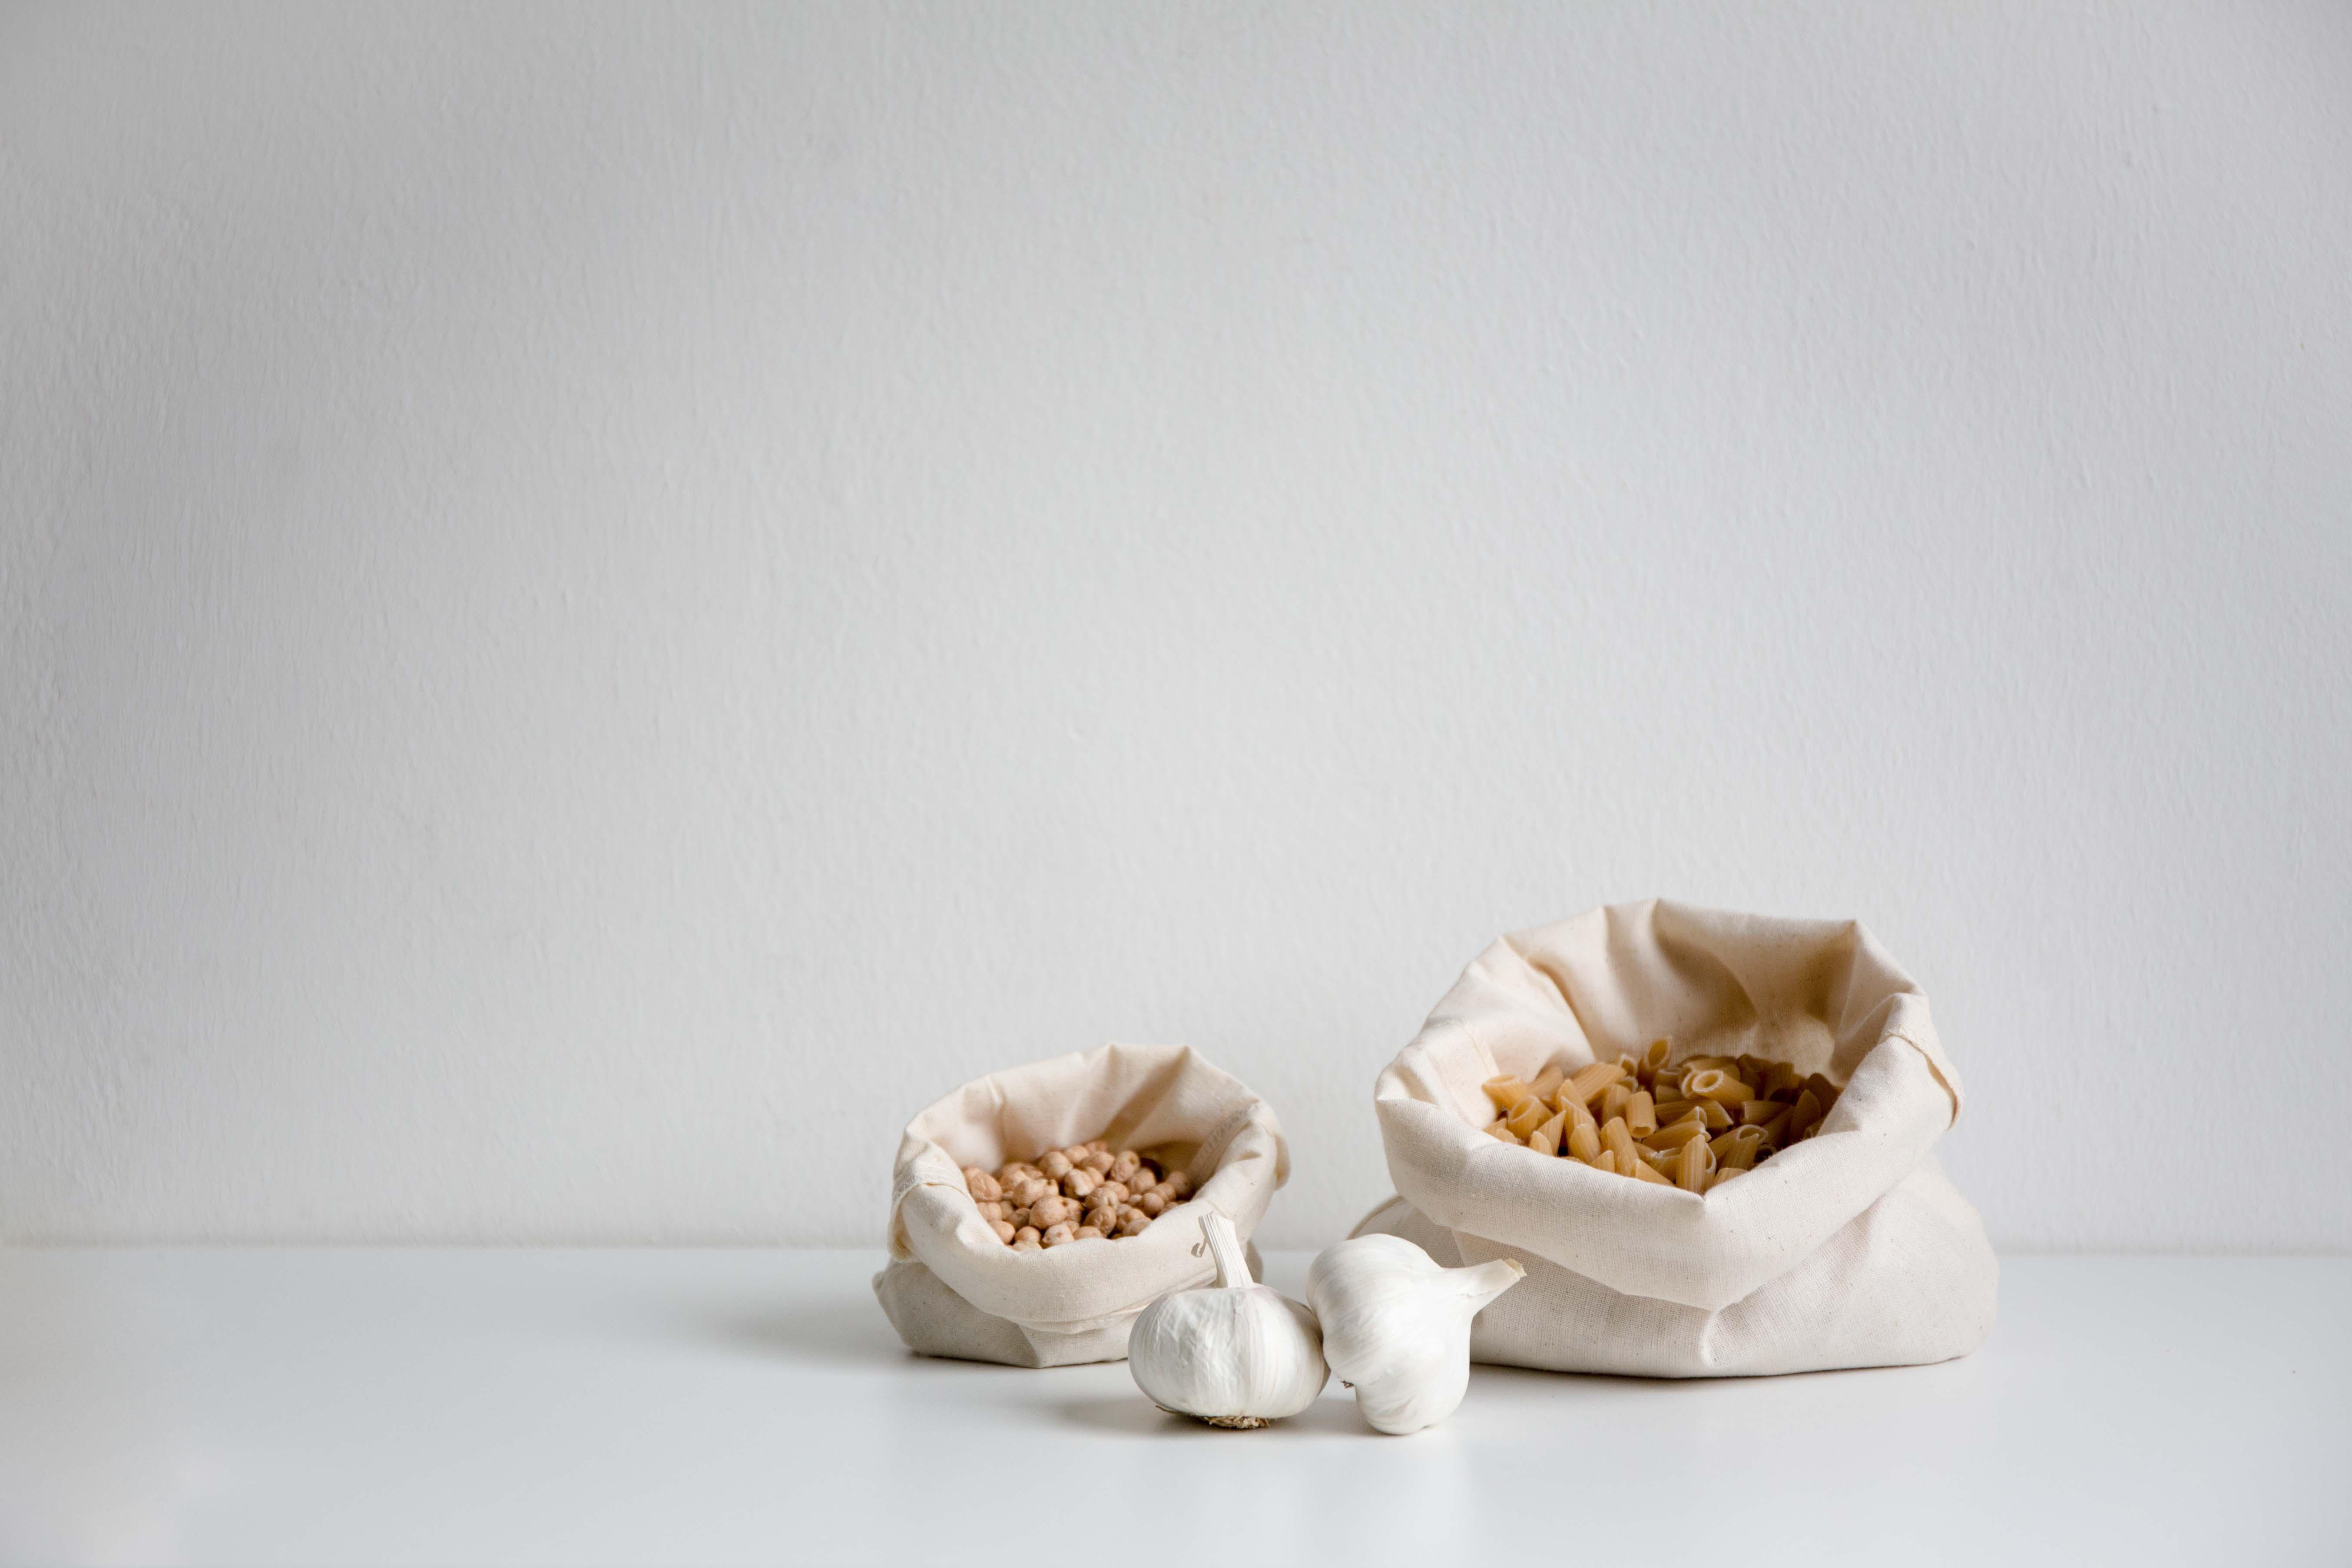 Inspirationen für ein minimalistisches Leben, Zero Waste leben